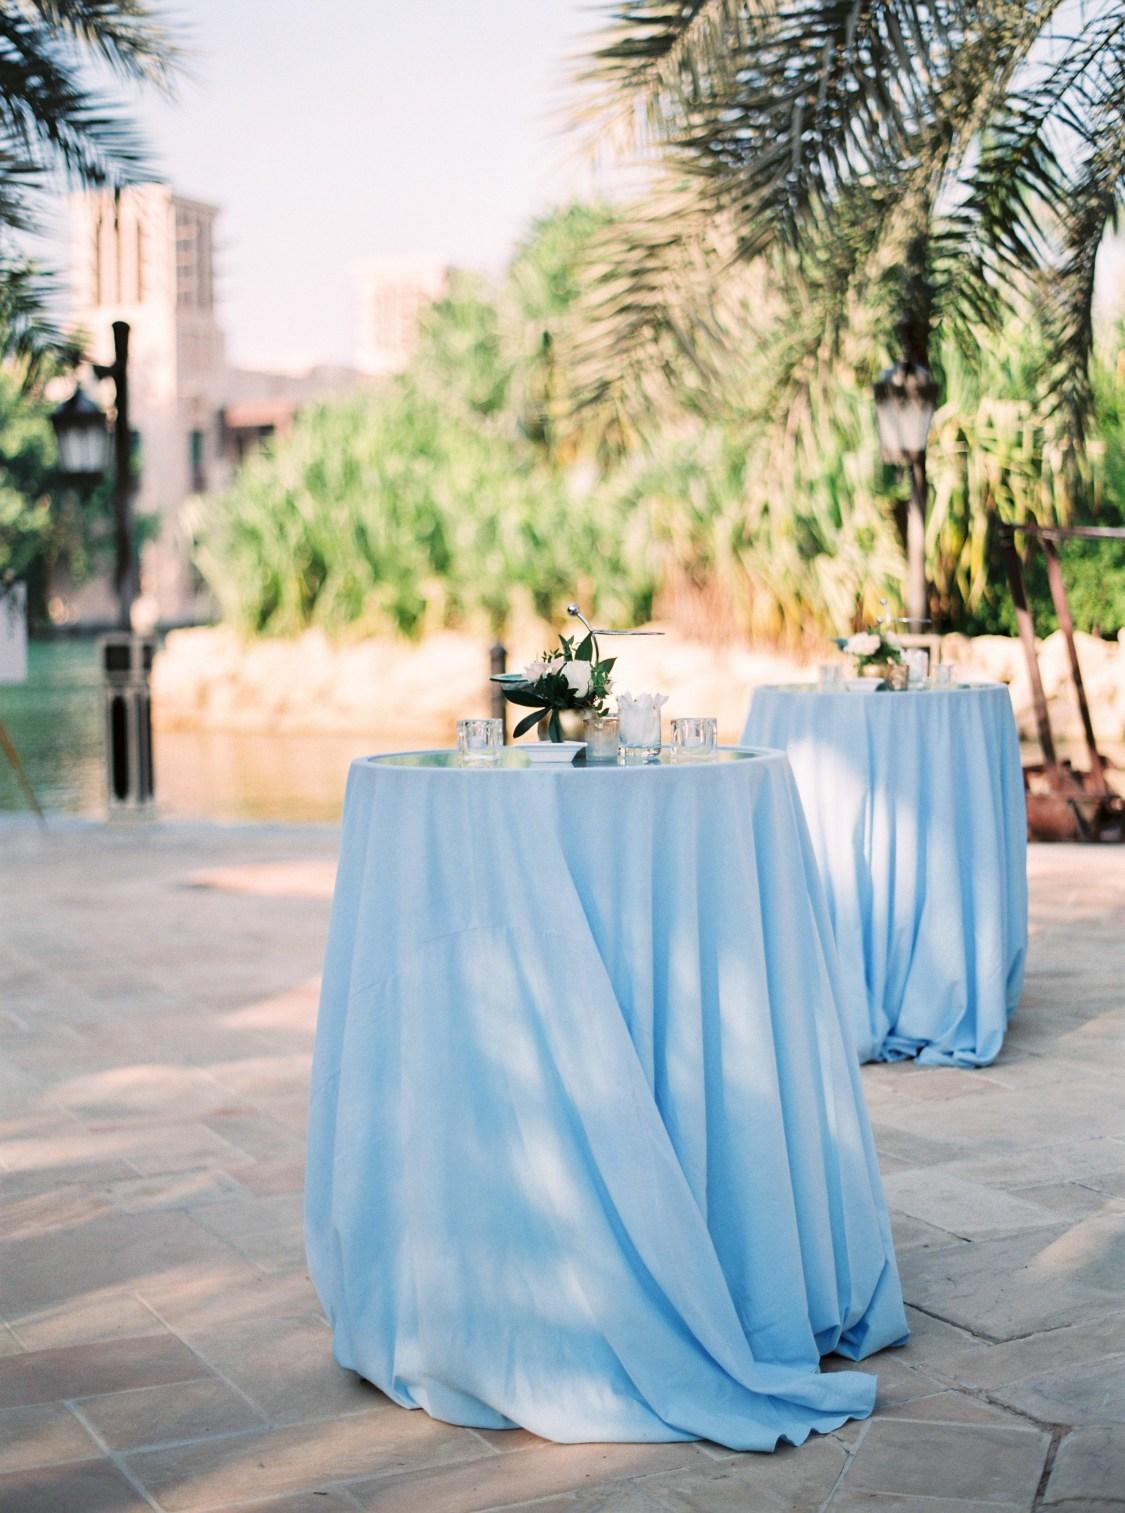 Maria_Sundin_Photography_MyLovelyWedding_Set-up_Magnolia-41